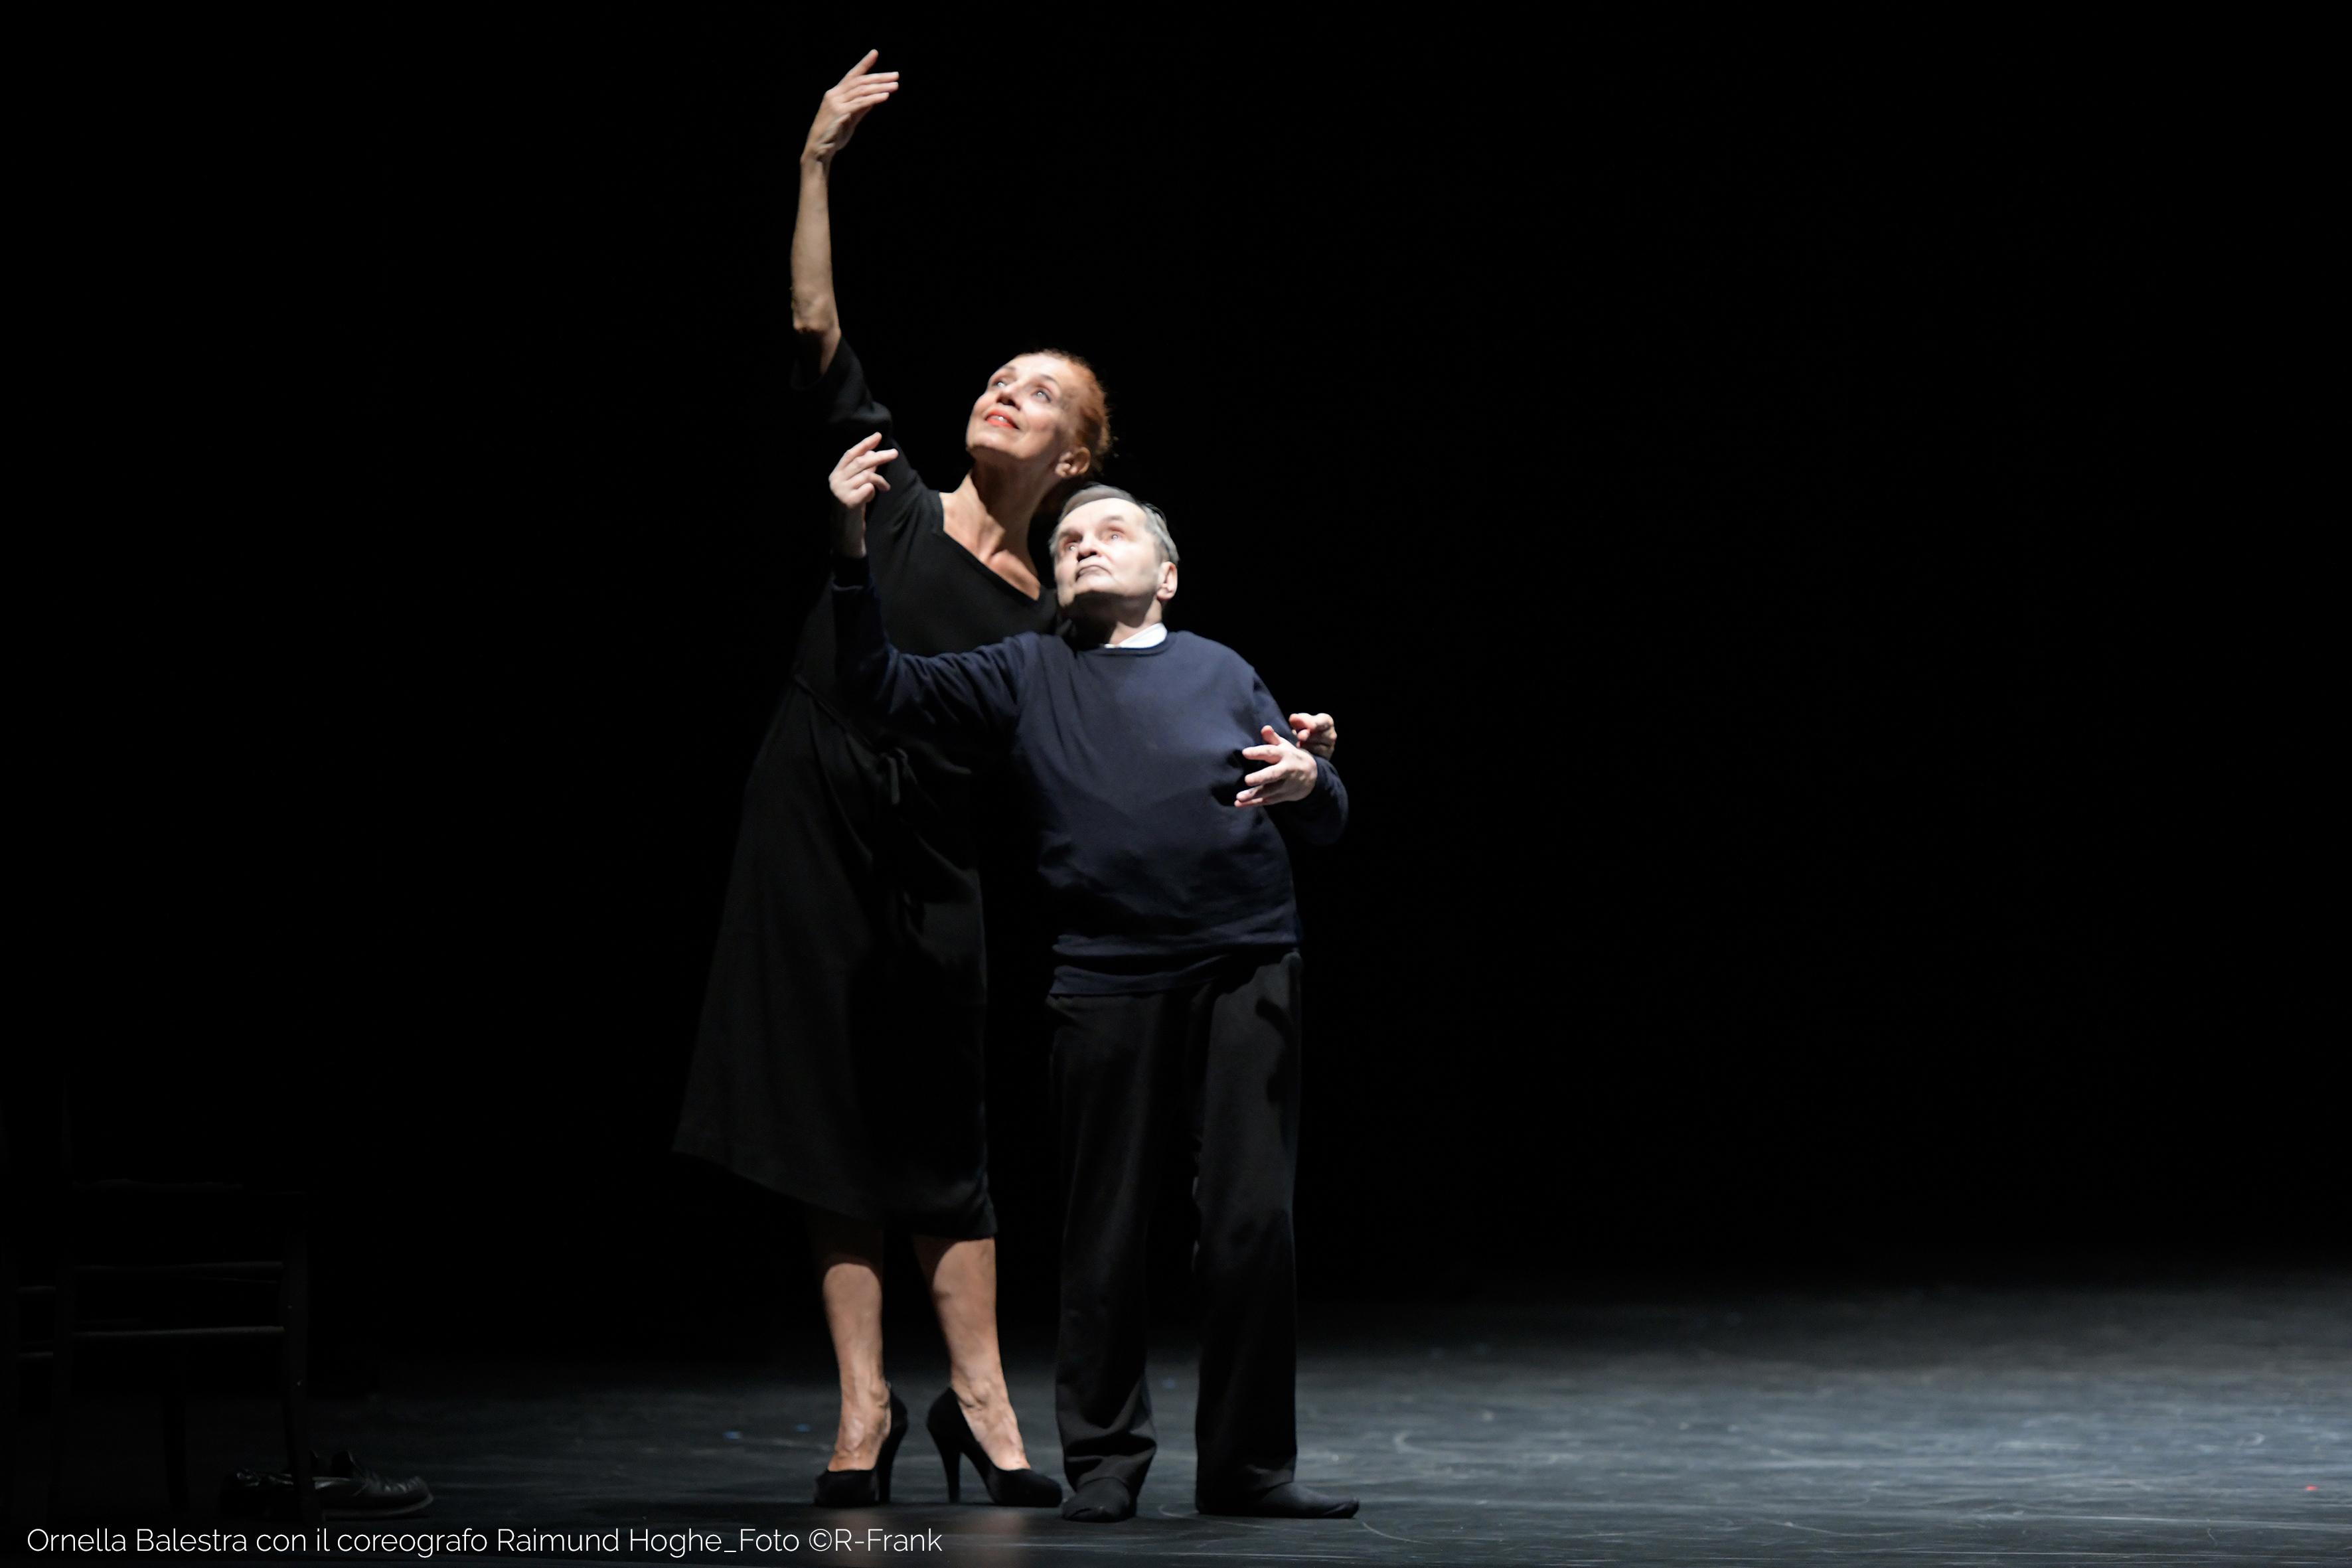 Ornella Balestra mit Raimund Hoghe, Deutscher Tanzpreis 2020, Essen, Deutschland © Rosa-Frank.com